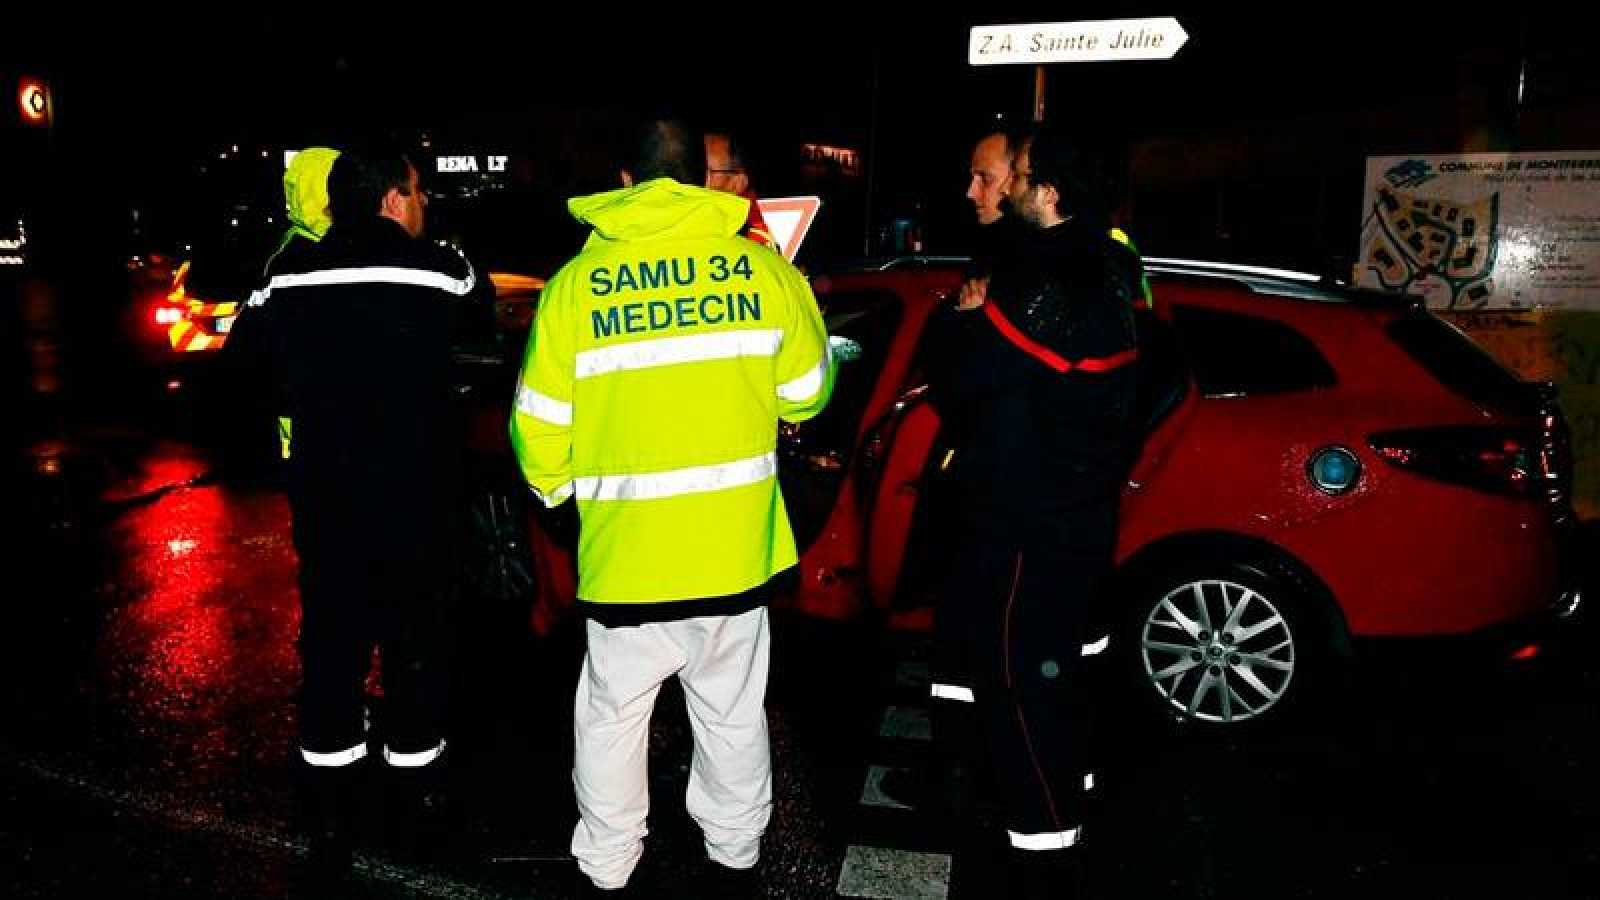 Bomberos y cuerpos de seguridad trabajan junto al asilo de monjes atacado este jueves en Montferrier-sur-Lez